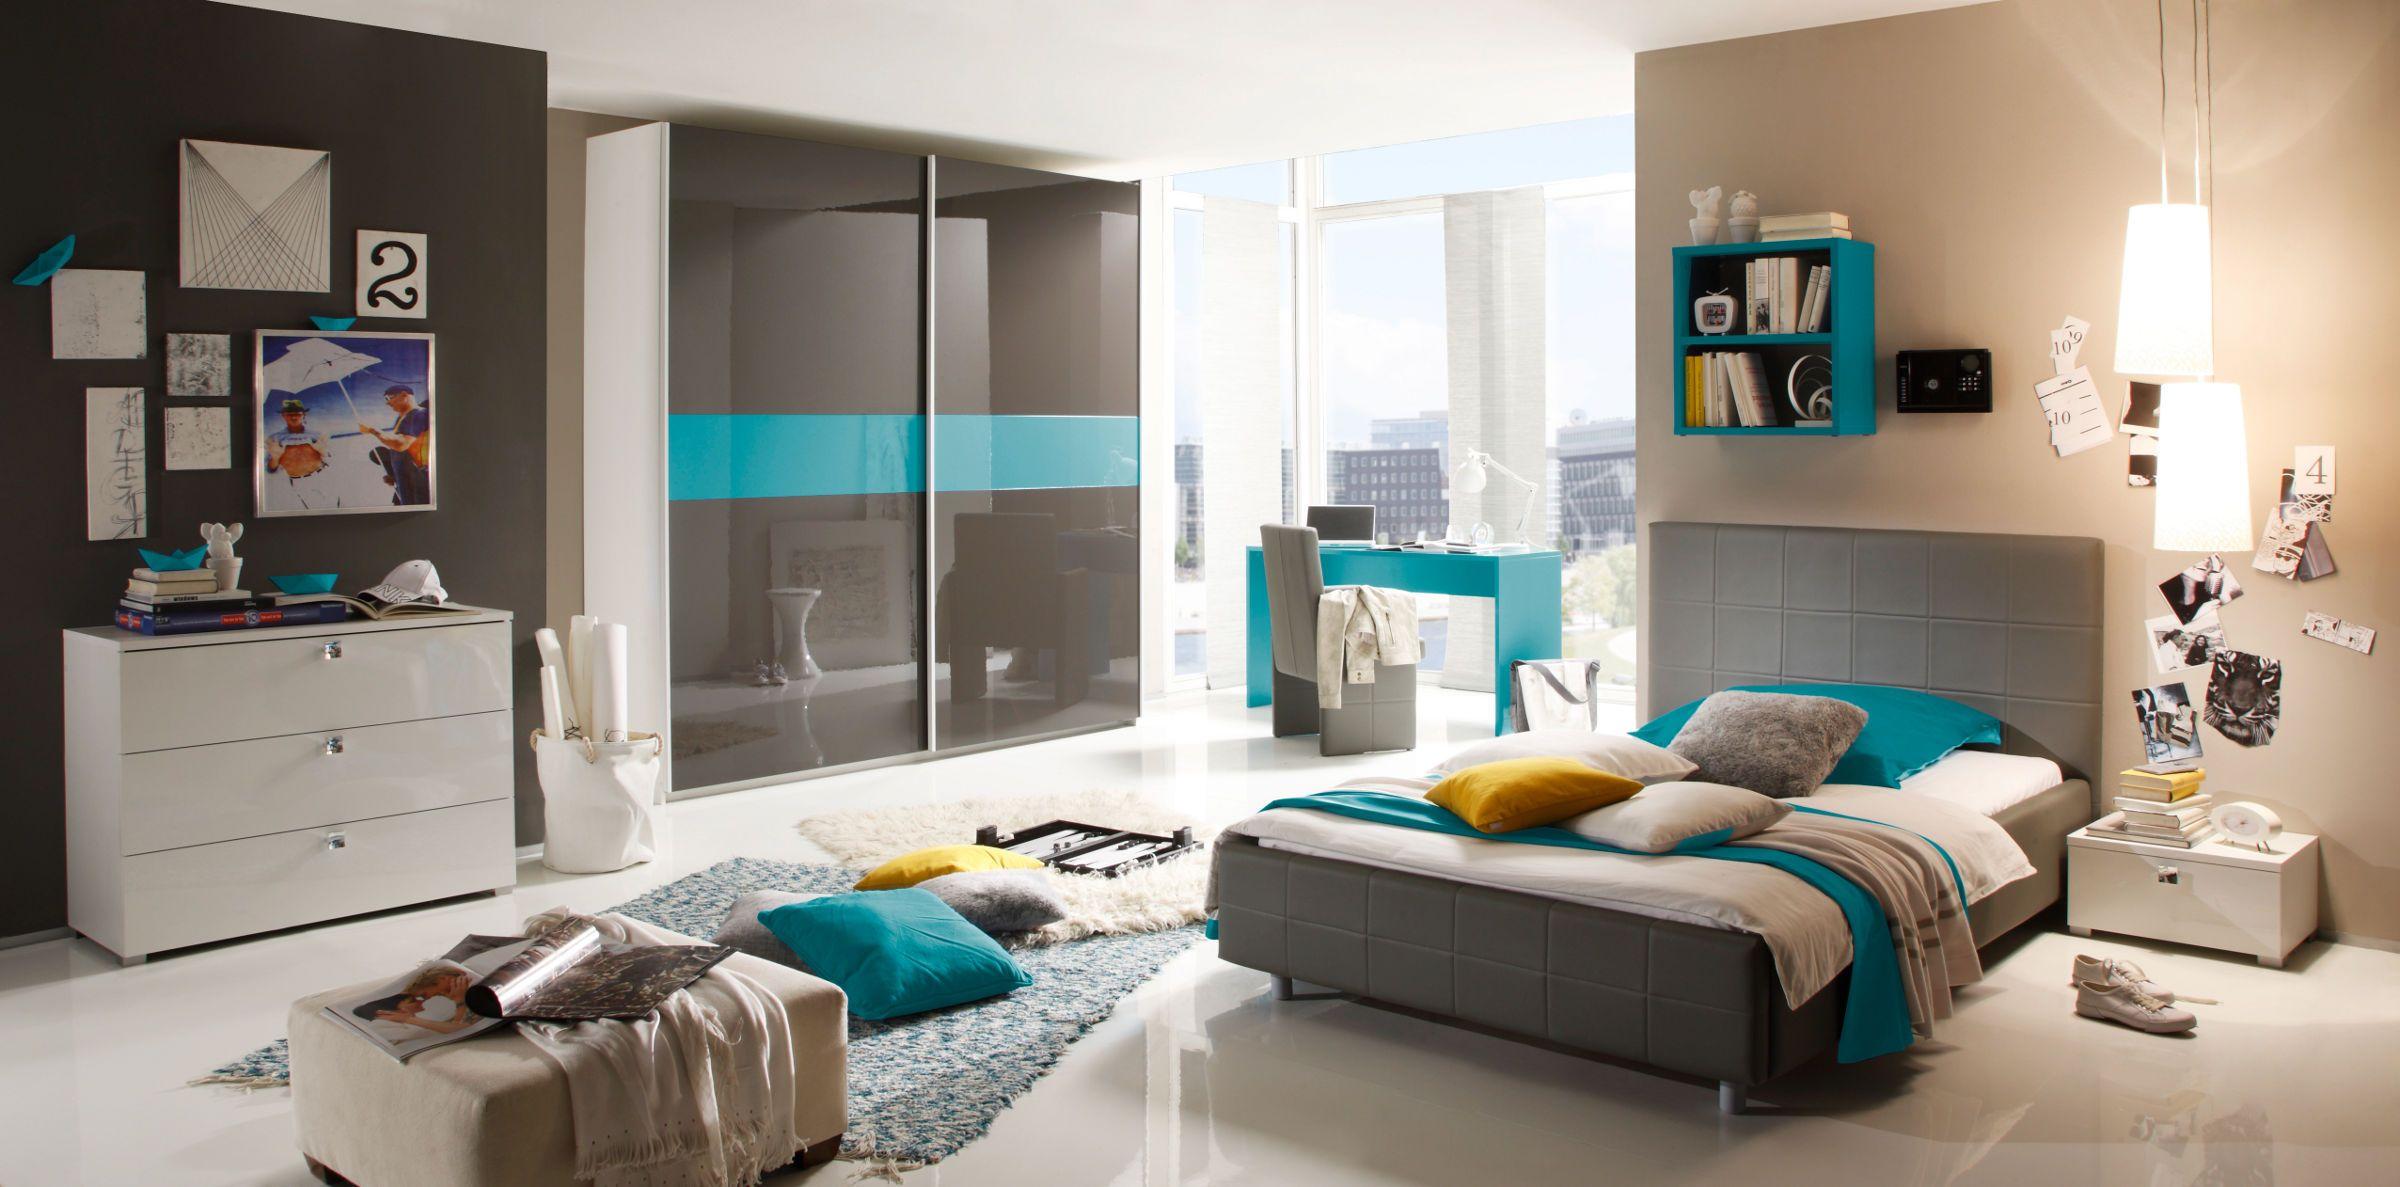 Fantastisch Schlafzimmer Braun Türkis